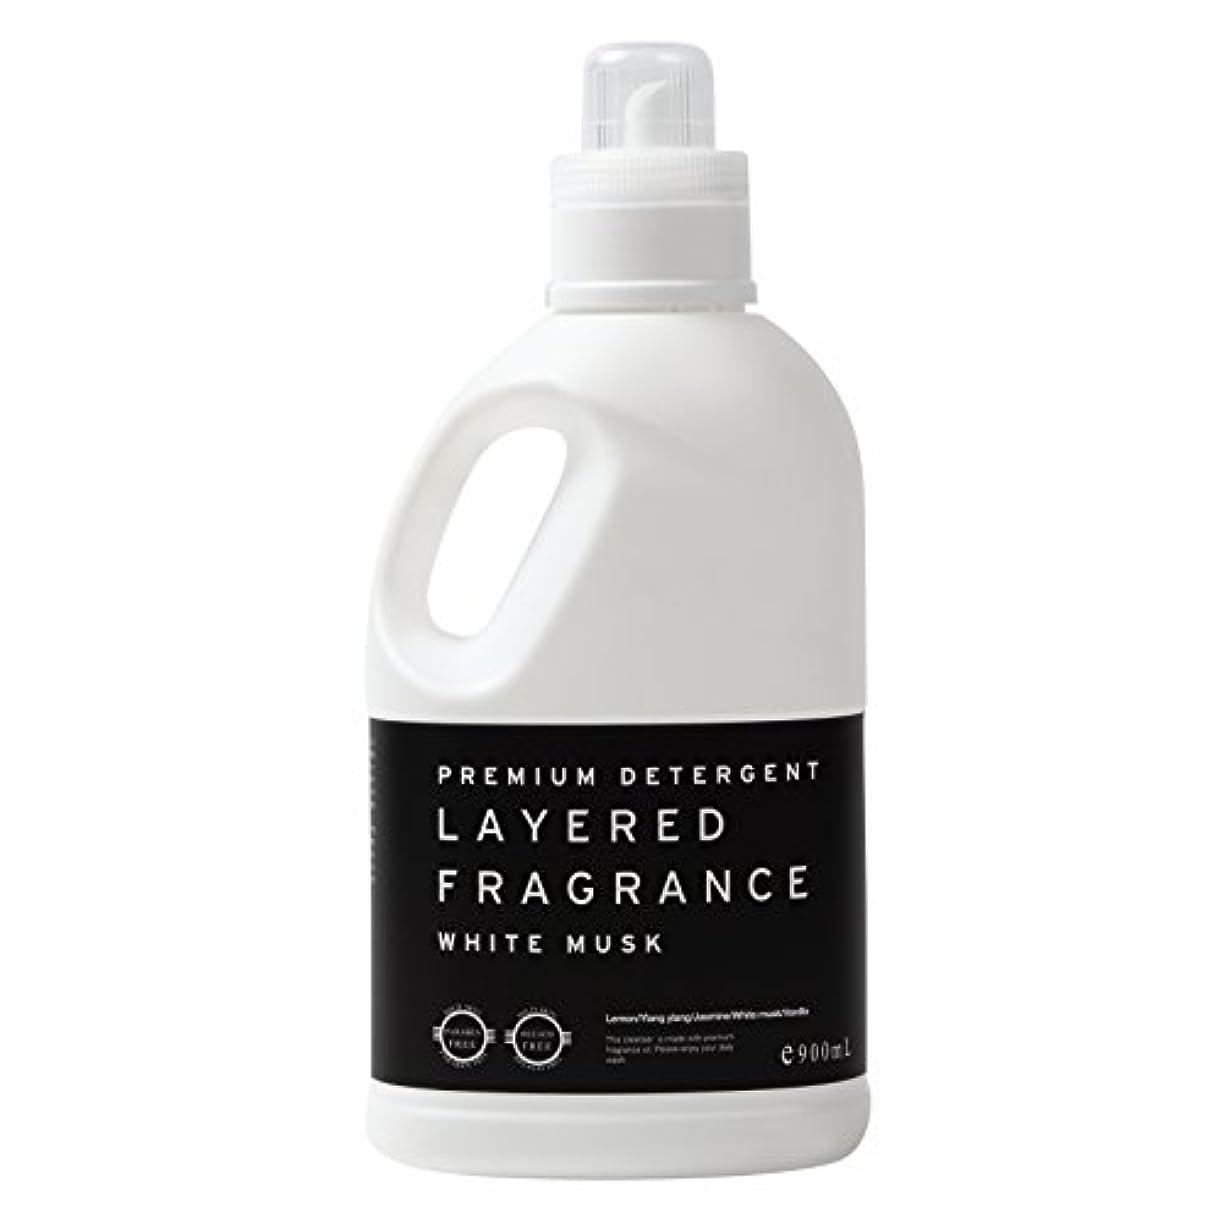 ファイナンス処理エッセイレイヤードフレグランス プレミアム デタージェント 洗濯用洗剤 ホワイトムスク